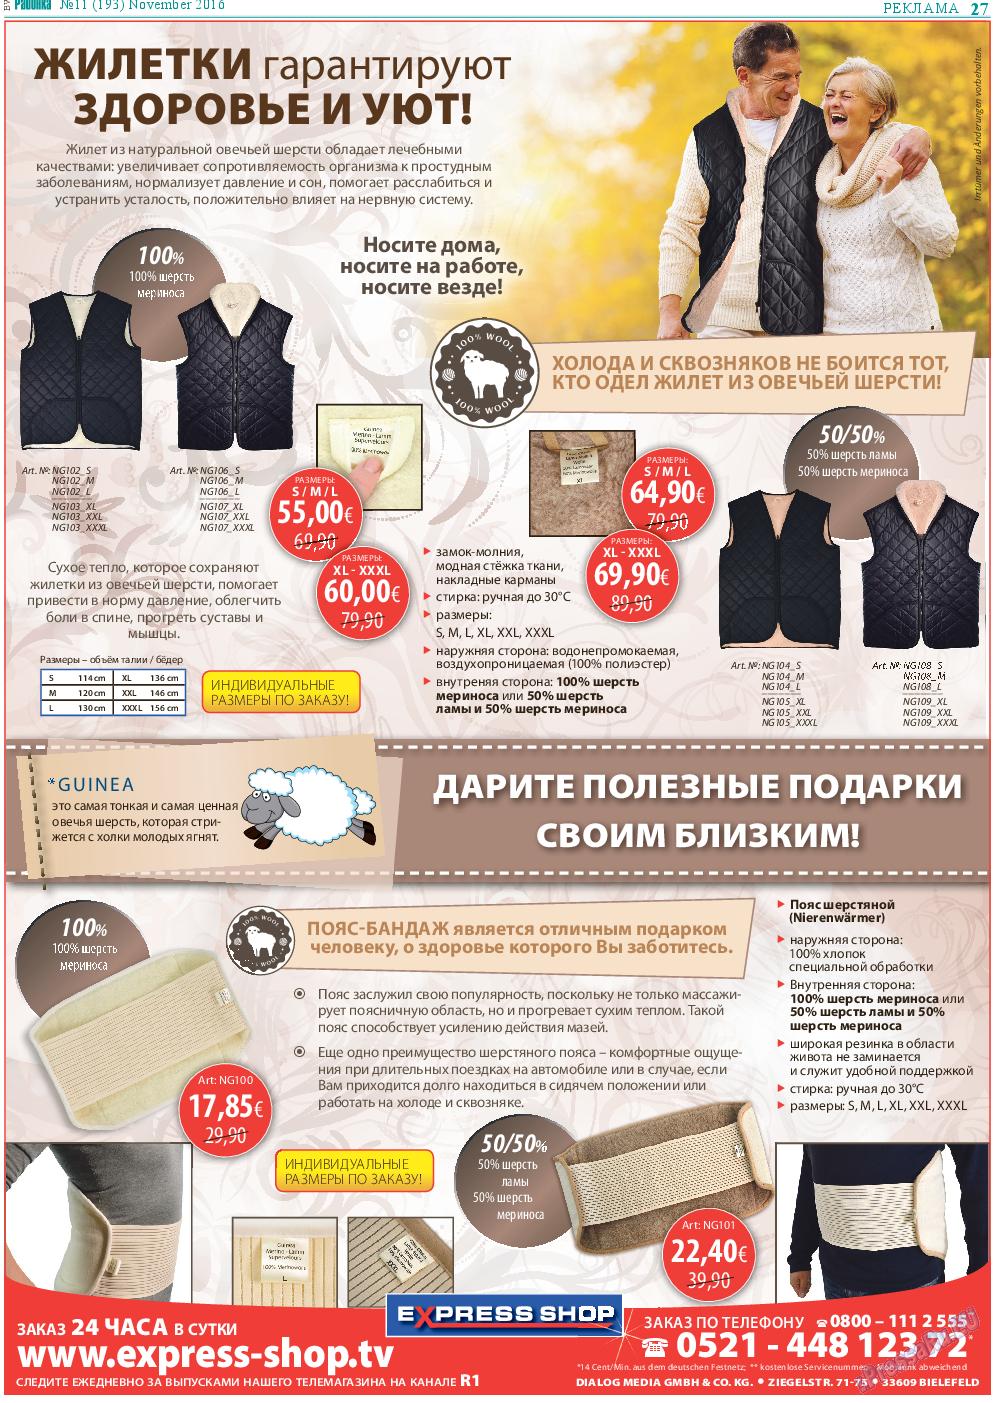 Районка-West (газета). 2016 год, номер 11, стр. 27